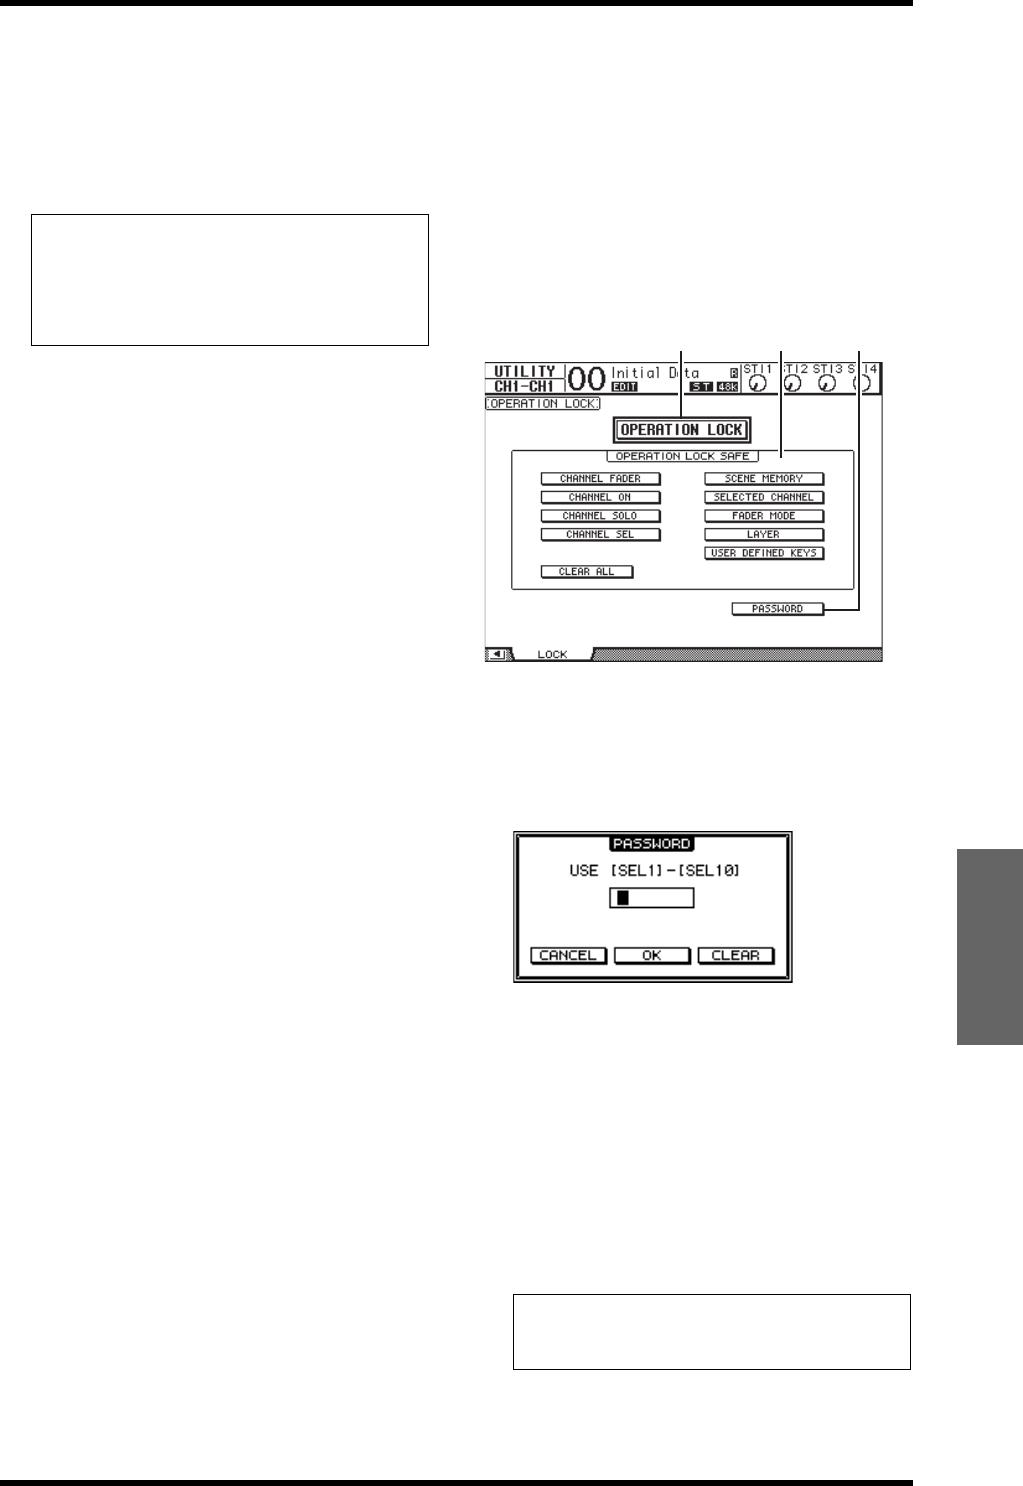 Bedienungsanleitung Yamaha 01v96i Seite 44 Von 71 Deutsch 01v96 Block Diagram Verriegeln Der Bedienoberflche 47 01v96ibedienungsanleitung